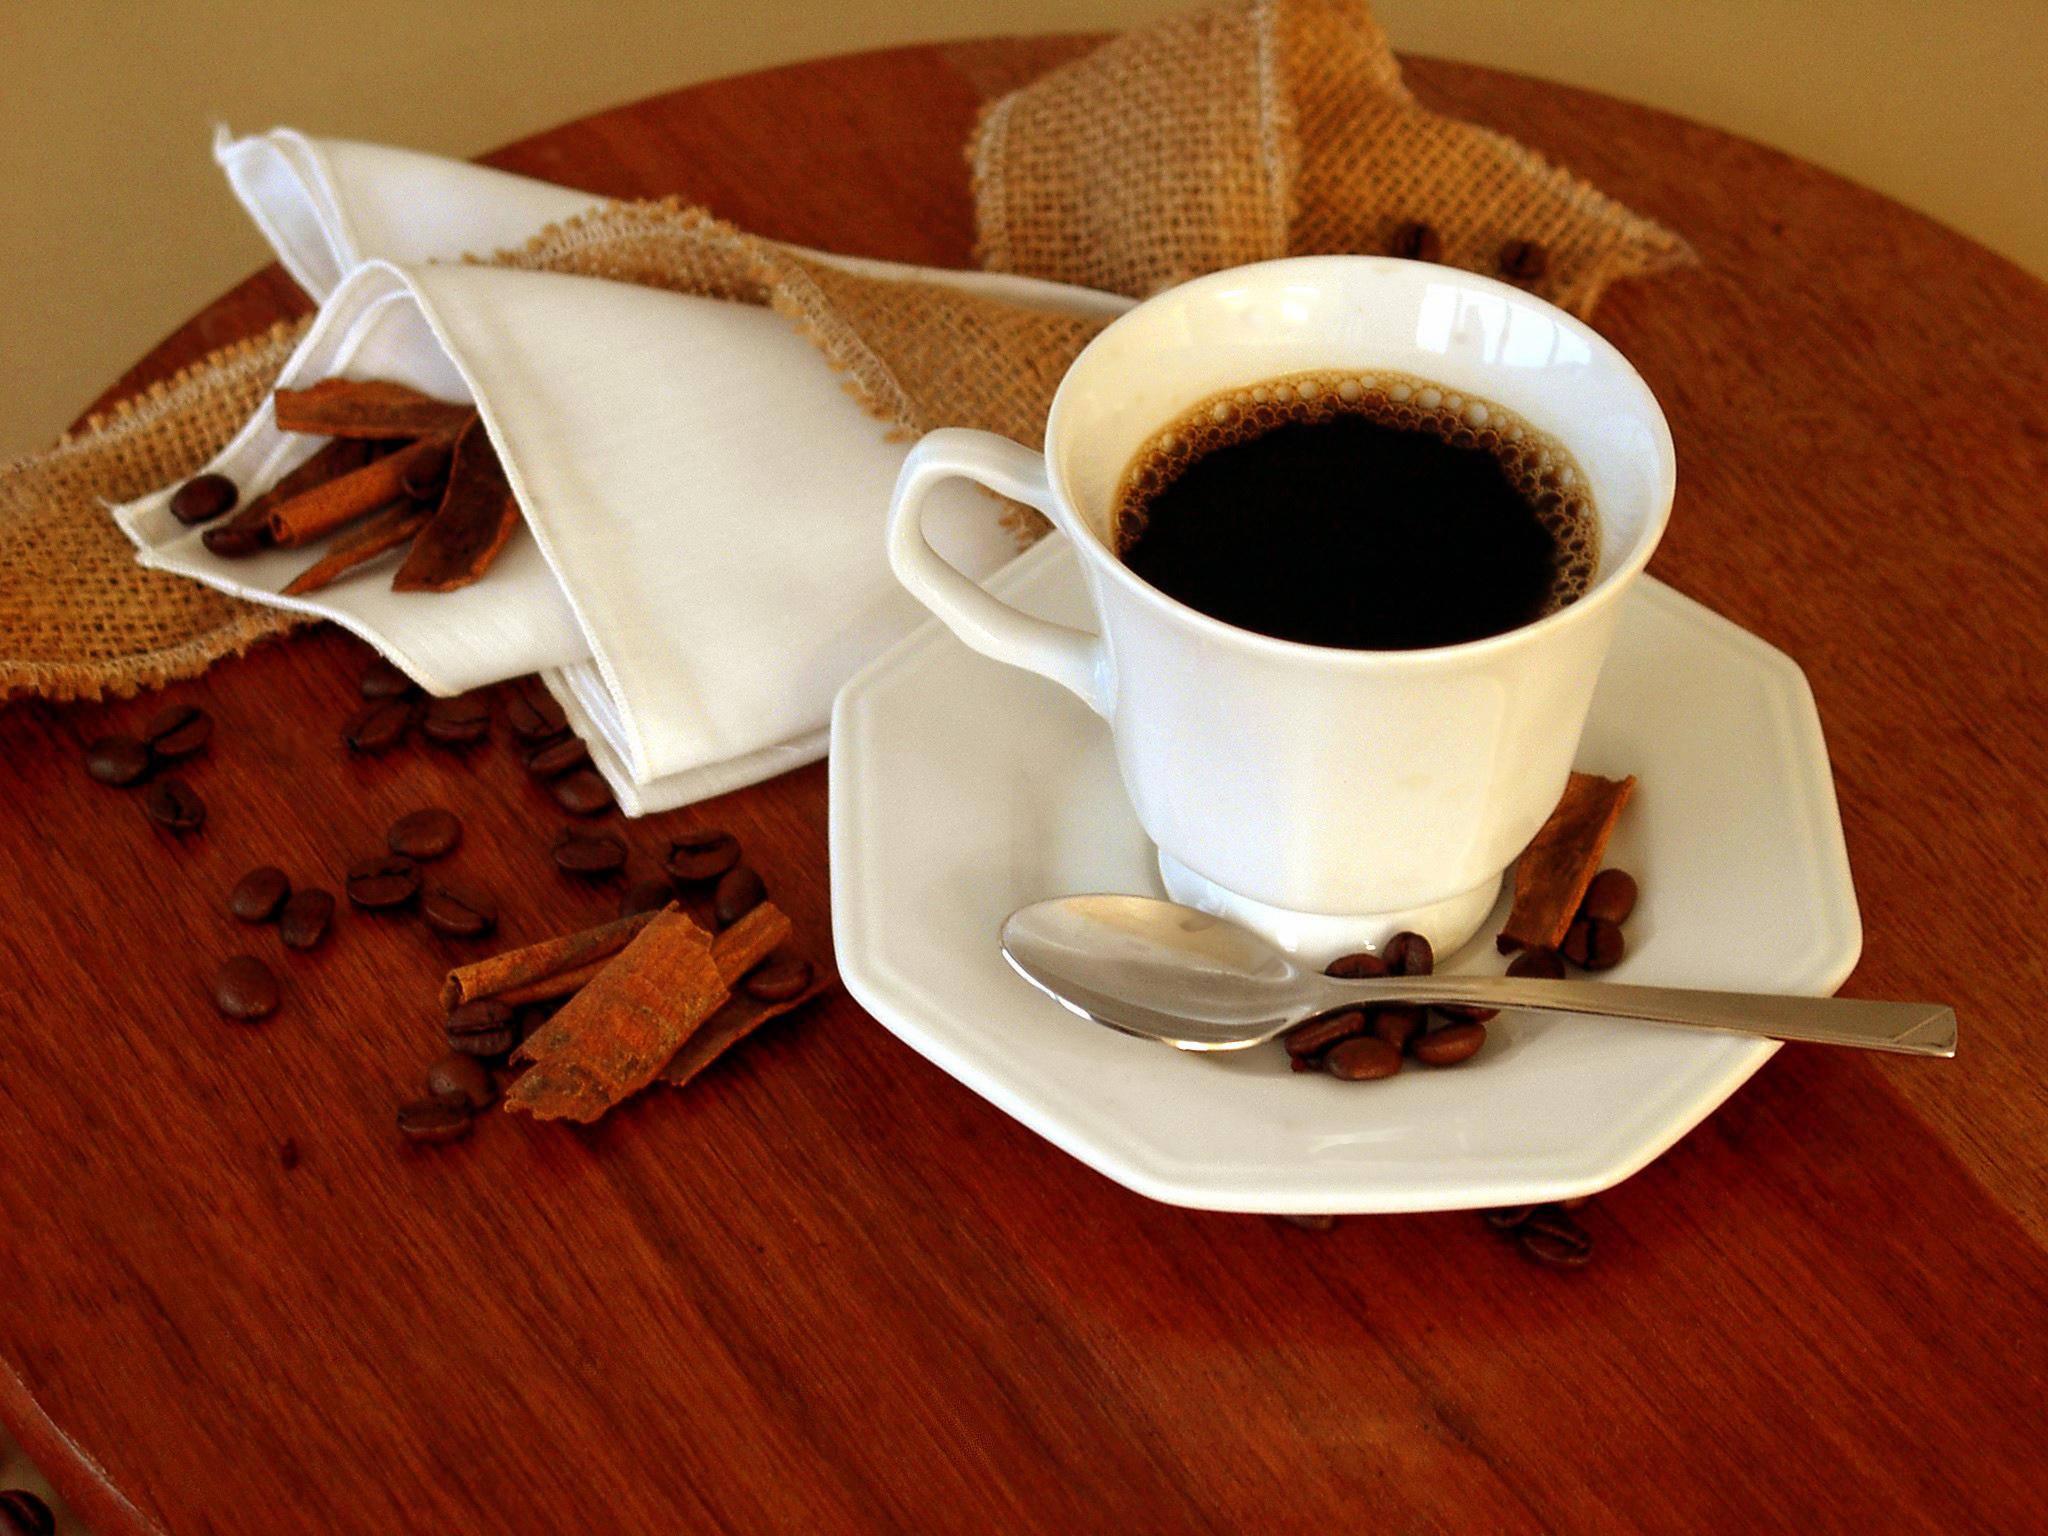 утреннее кофе для мужчины картинка анонсе